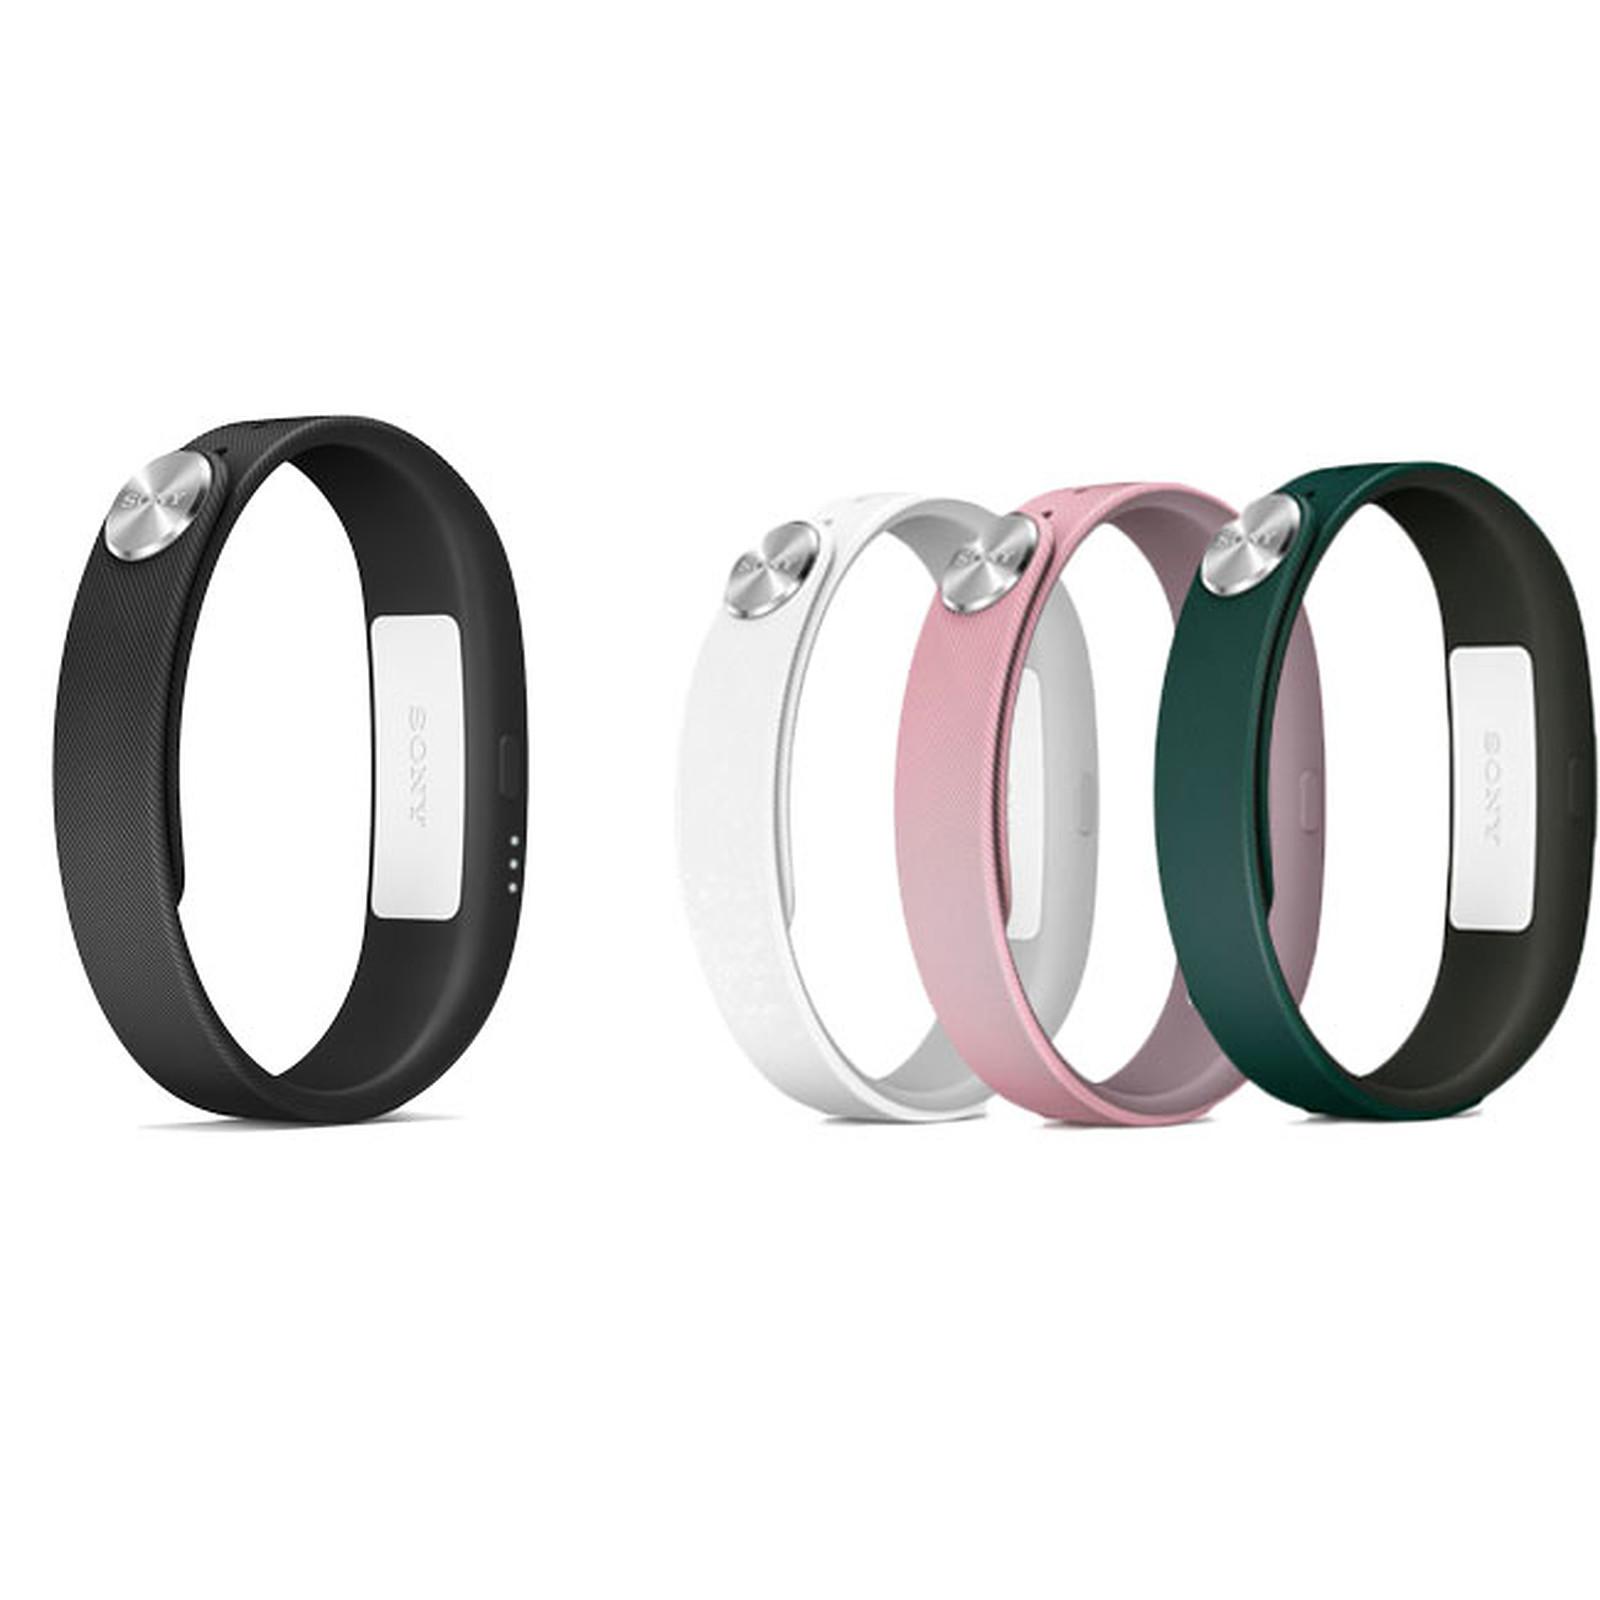 Sony SmartBand SWR10 Noir + 3 Bracelets L